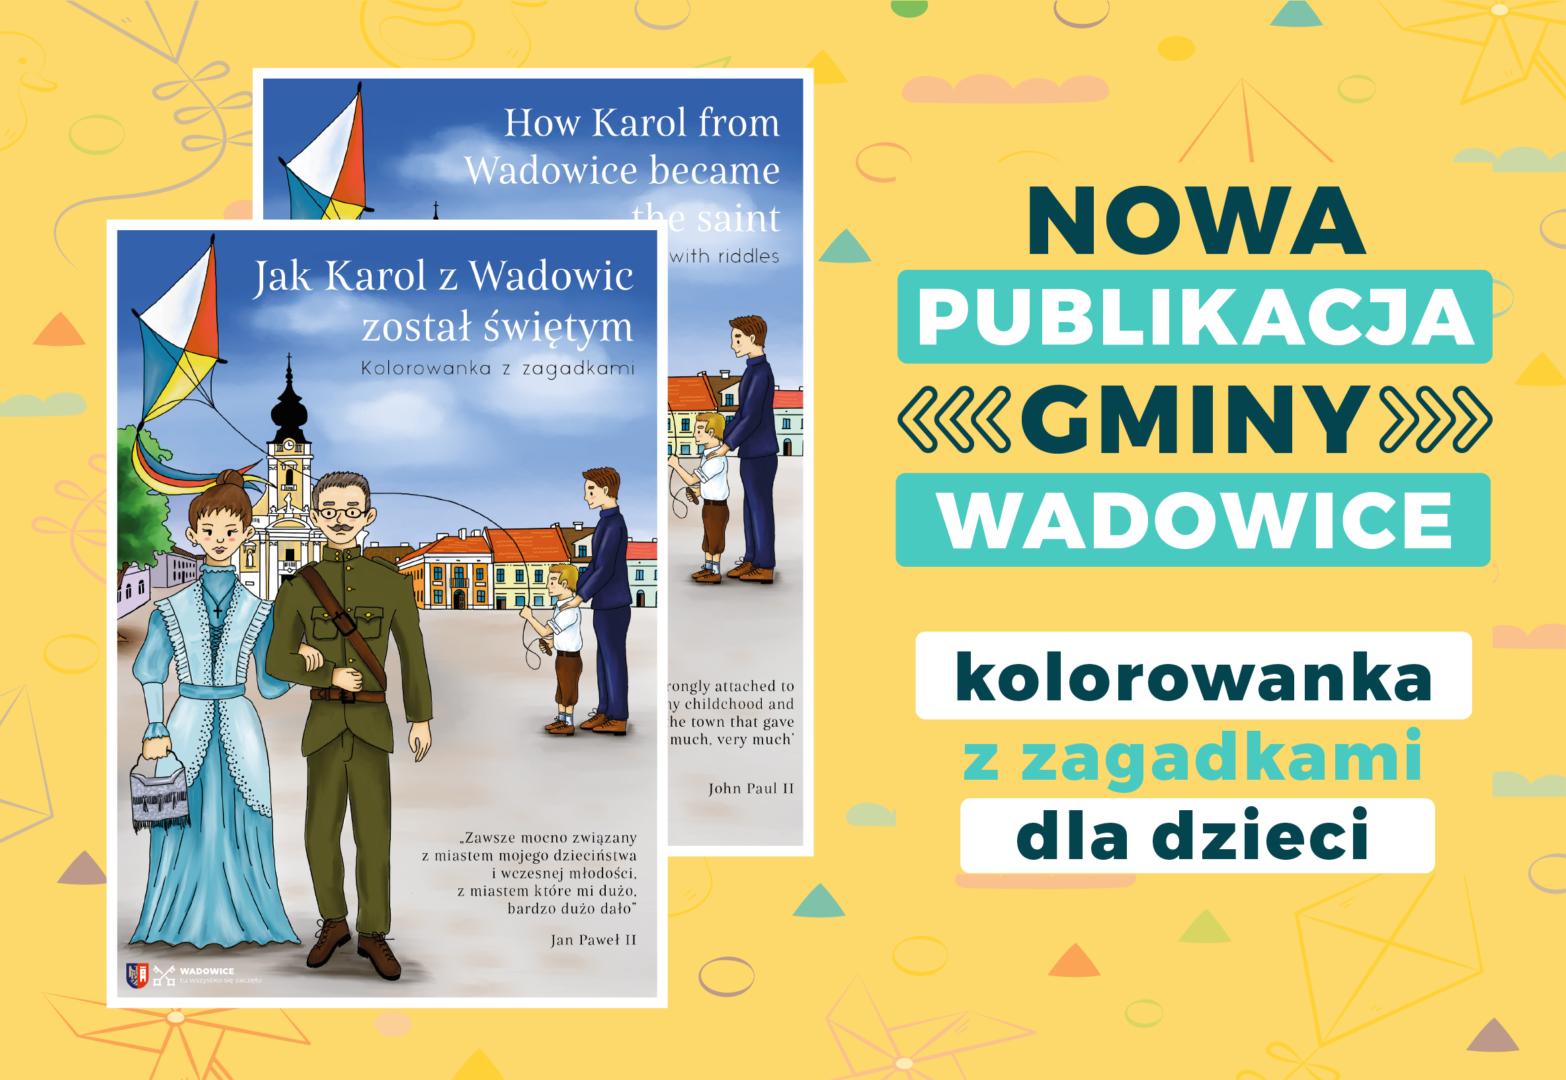 """""""Jak Karol z Wadowic został świętym – Kolorowanka z zagadkami"""". Pamiątkowa publikacja dla dzieci"""